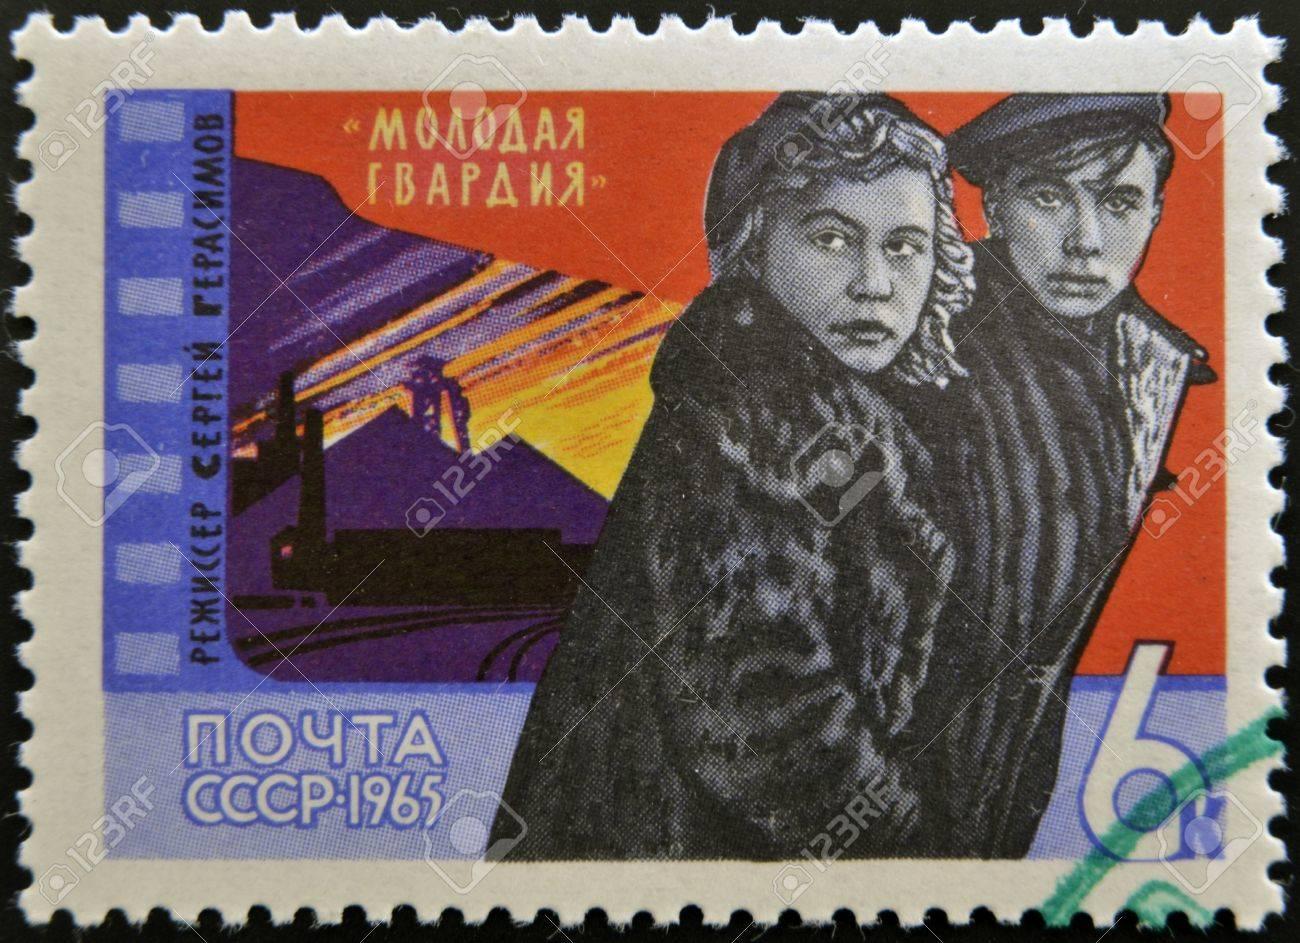 年頃 1965 年ソ連: 映画碑文「監...